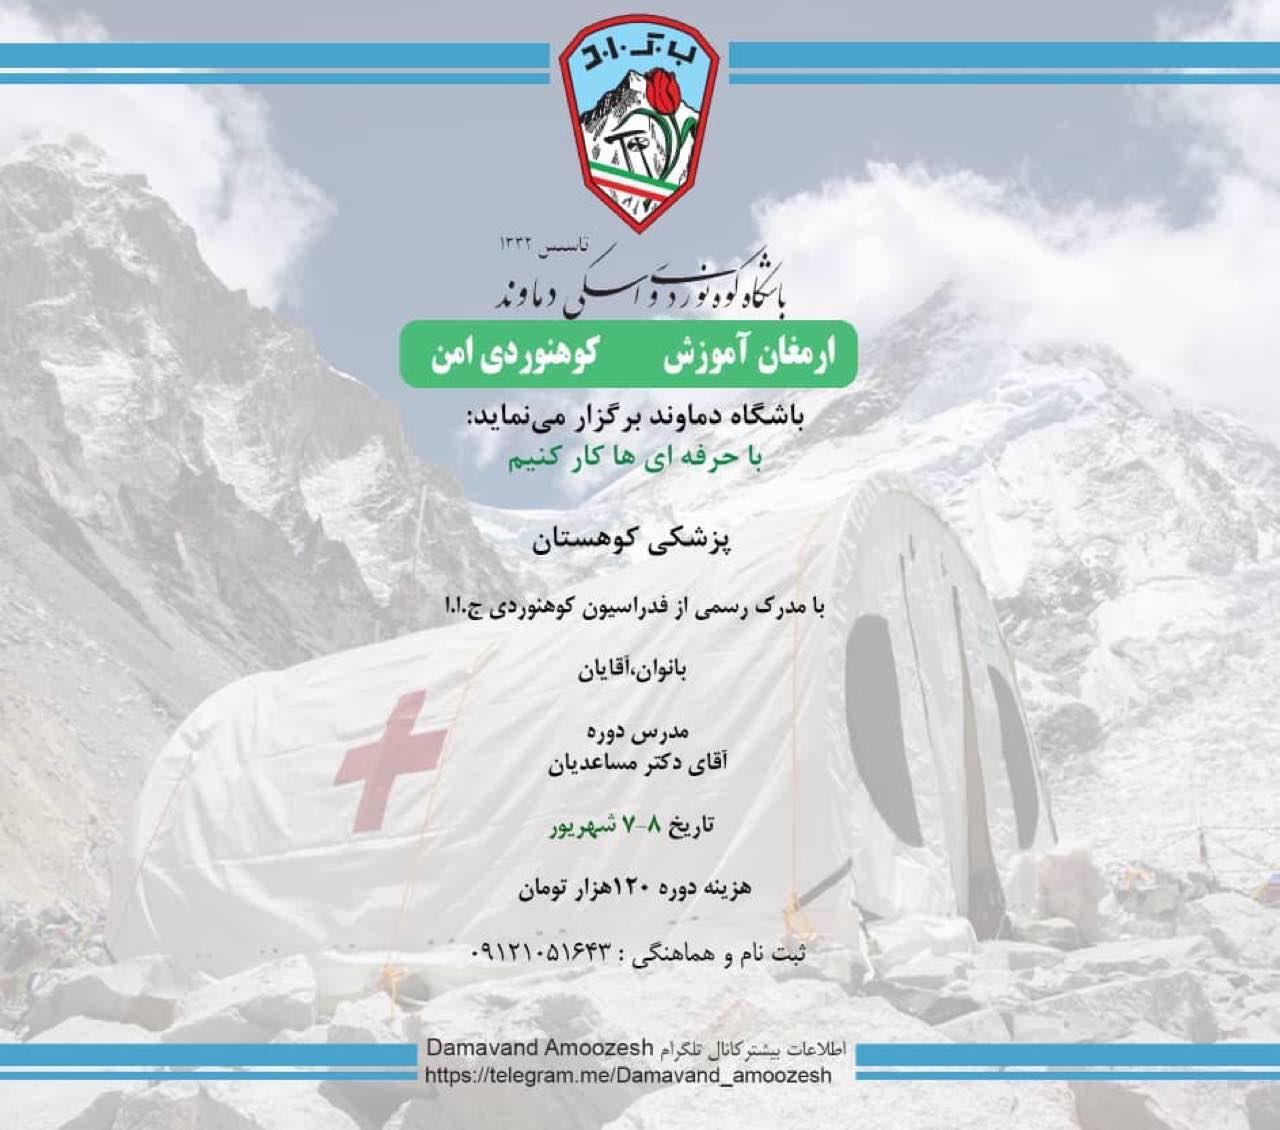 پزشکی کوهستان در حال پذیرش